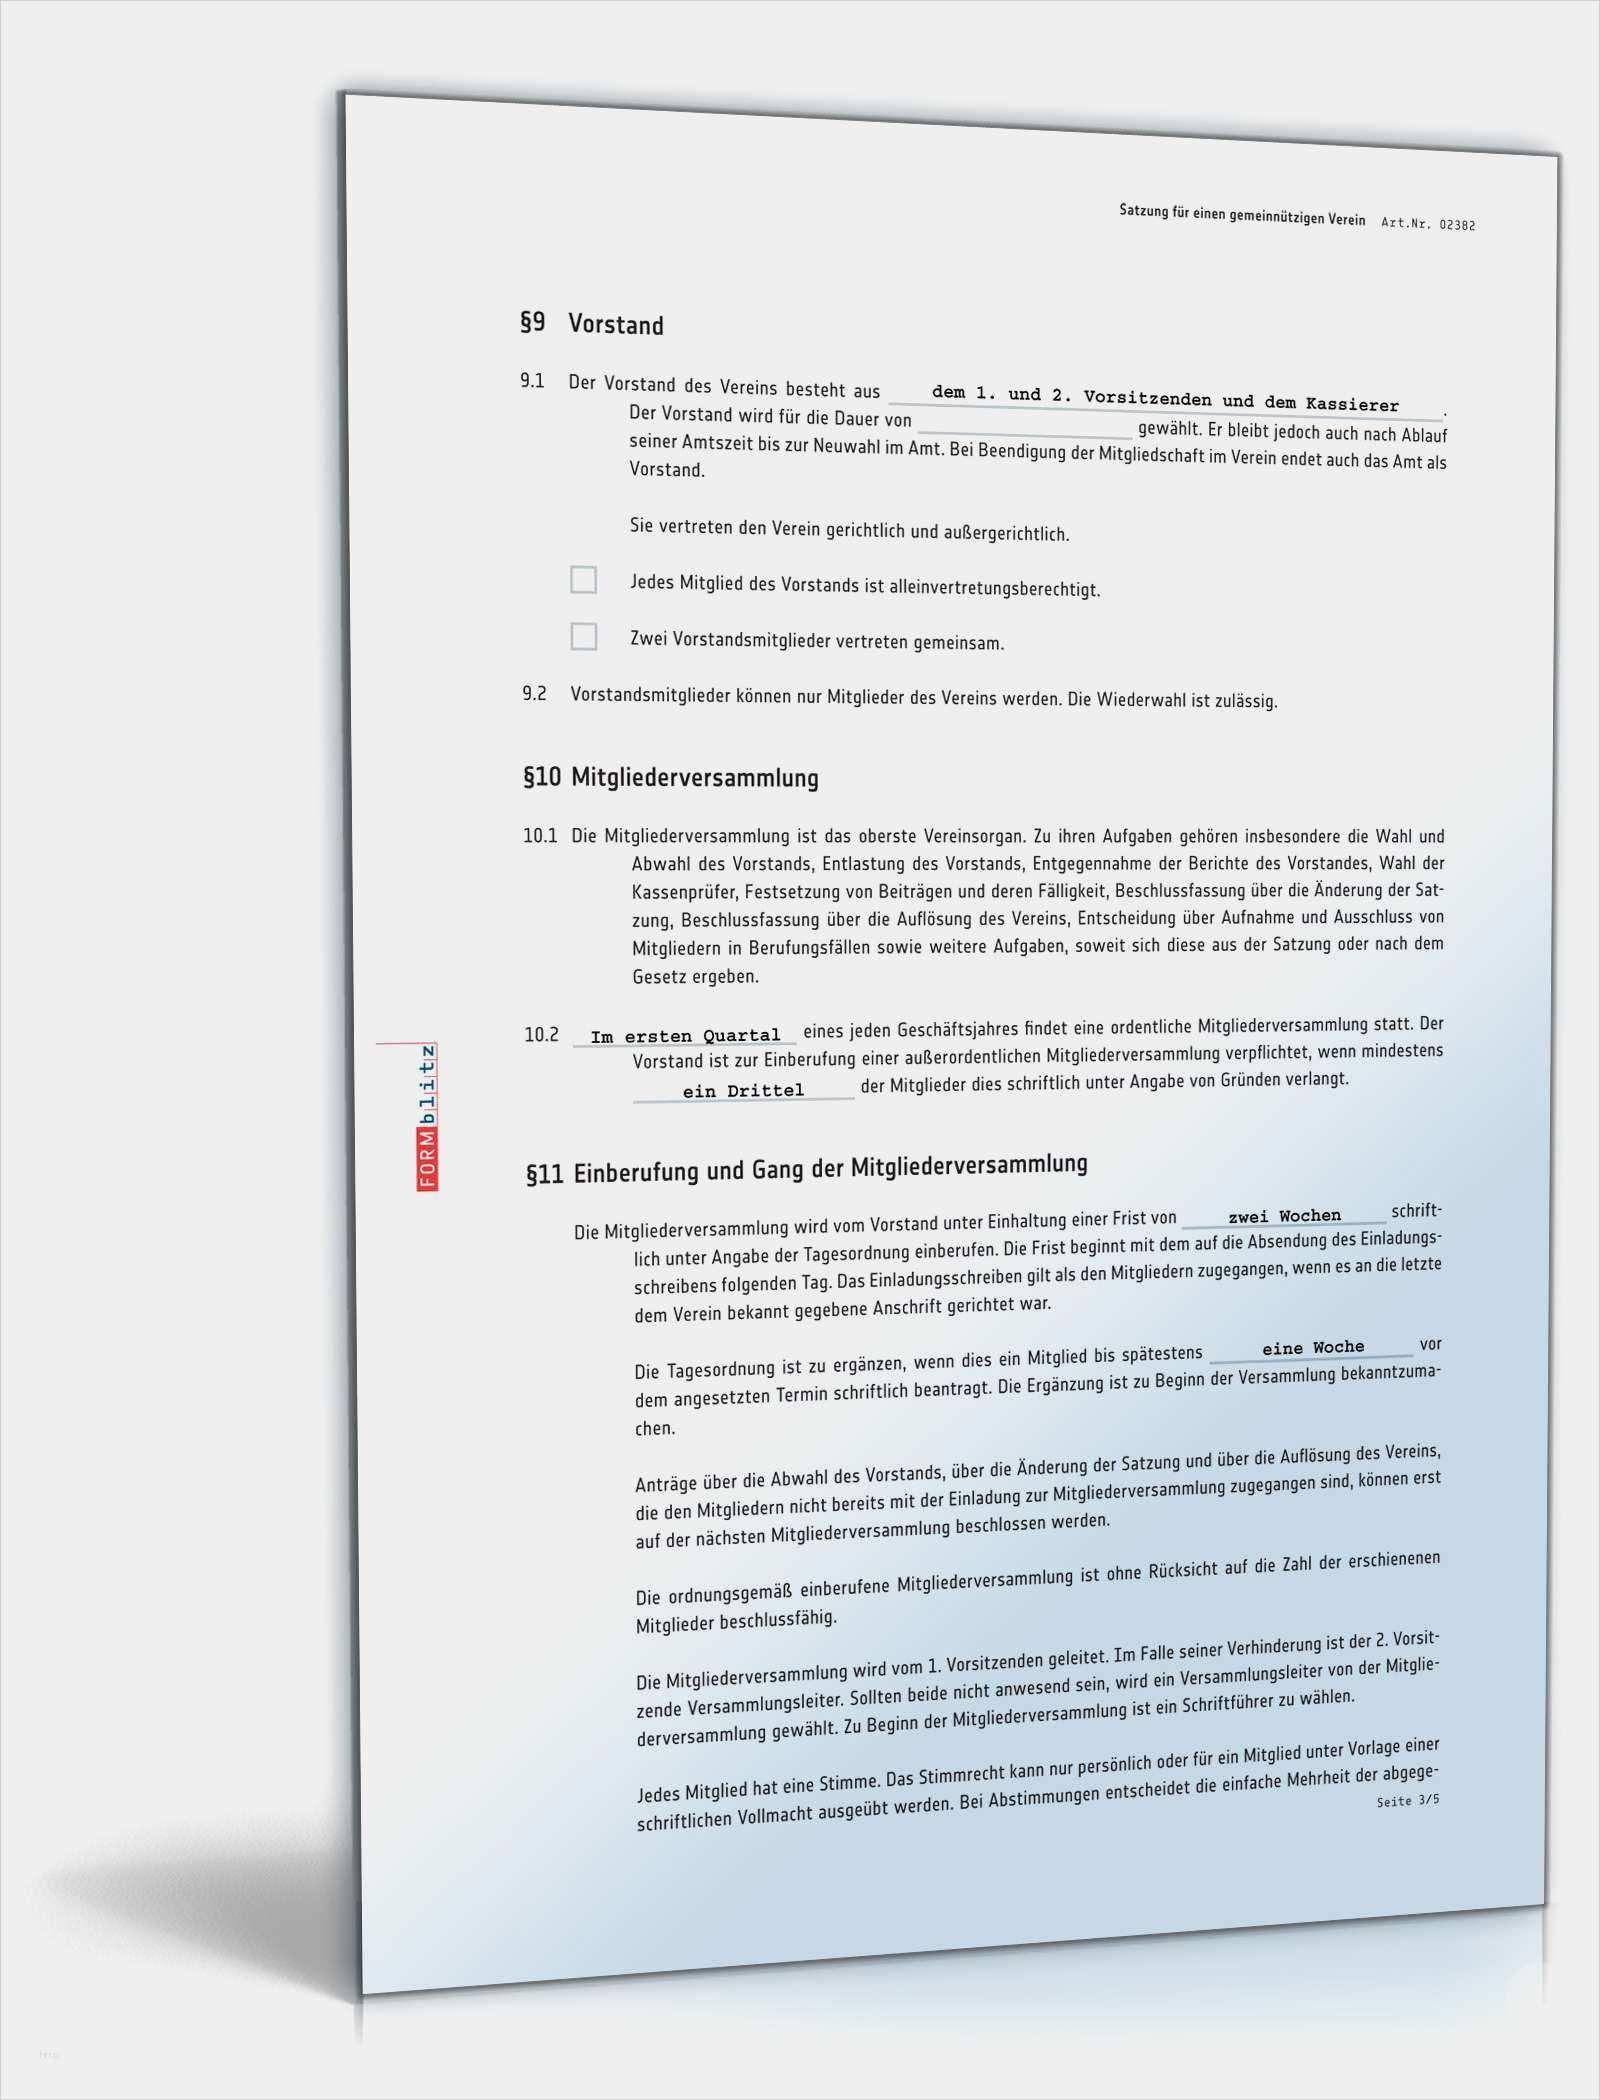 40 Schonste Kassenbericht Gemeinnutziger Verein Vorlage Ideen In 2020 Vorlagen Lebenslauf Layout Lebenslaufvorlage